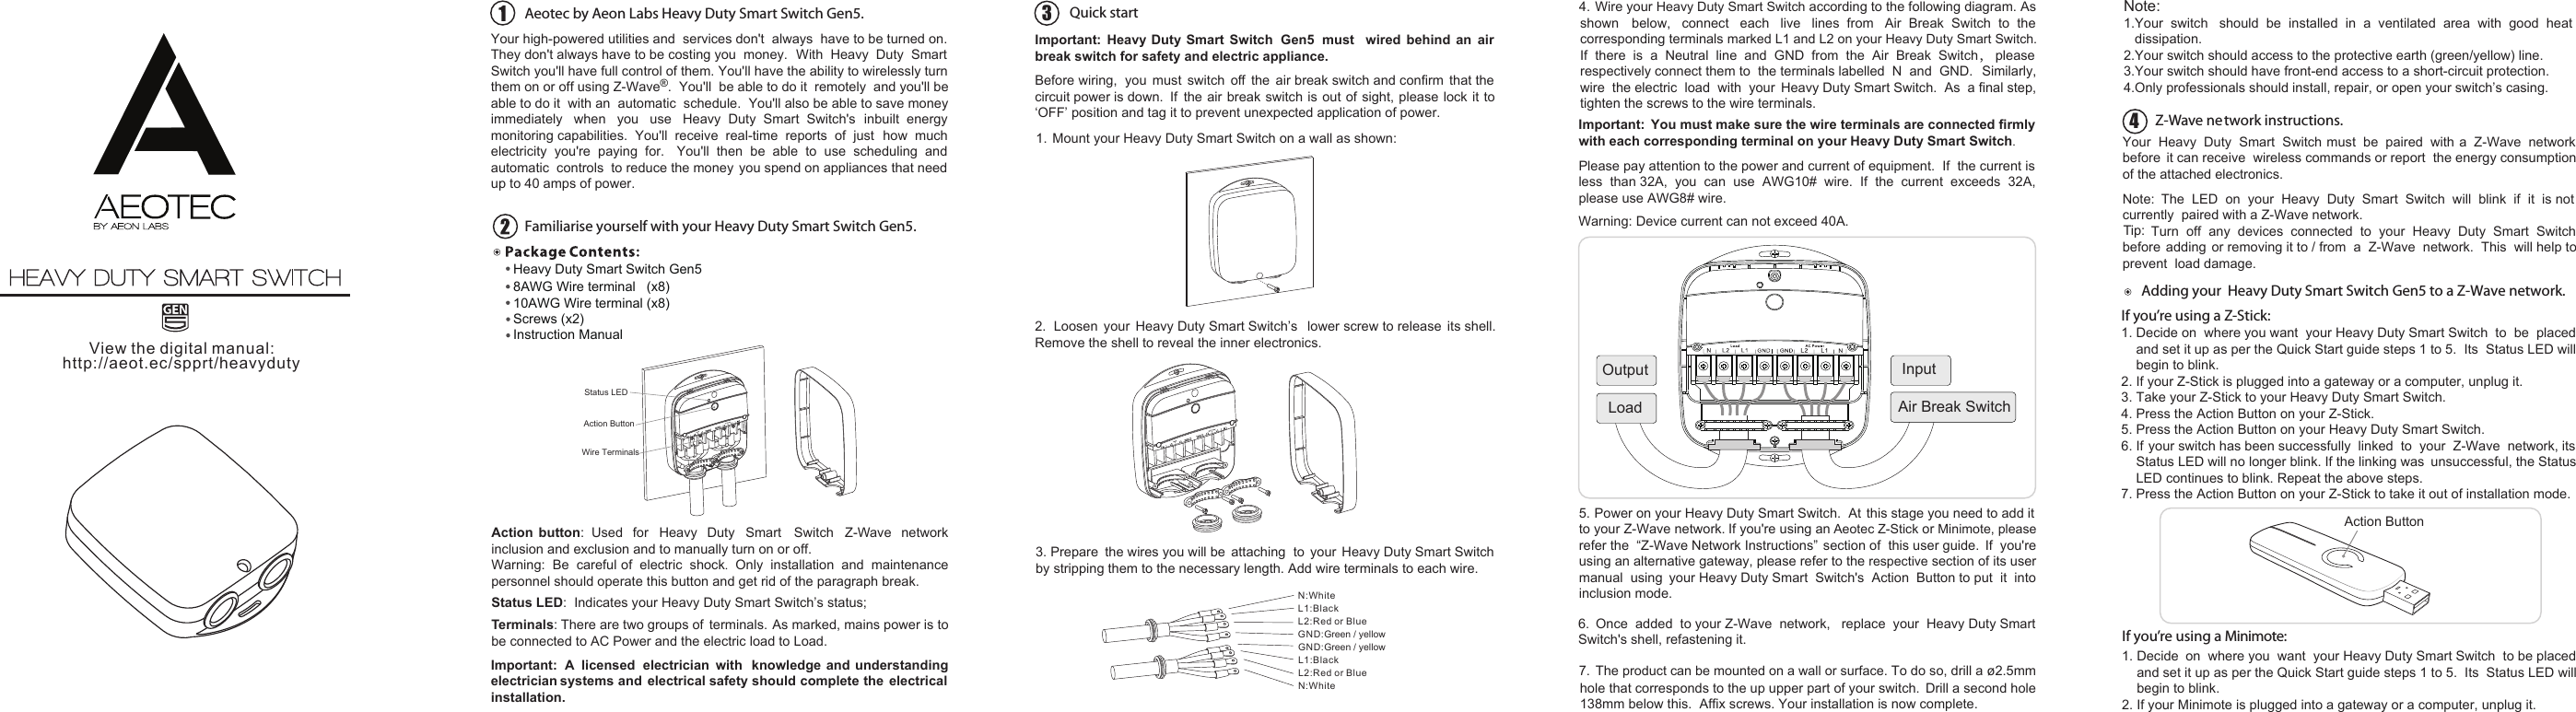 Z Wave B0151yxm2w Aeotec By Aeon Labs Heavy Duty Smart Plus Switch Wiring Gen5 Zw078 A Instruction Manual 501001000001 Ab User